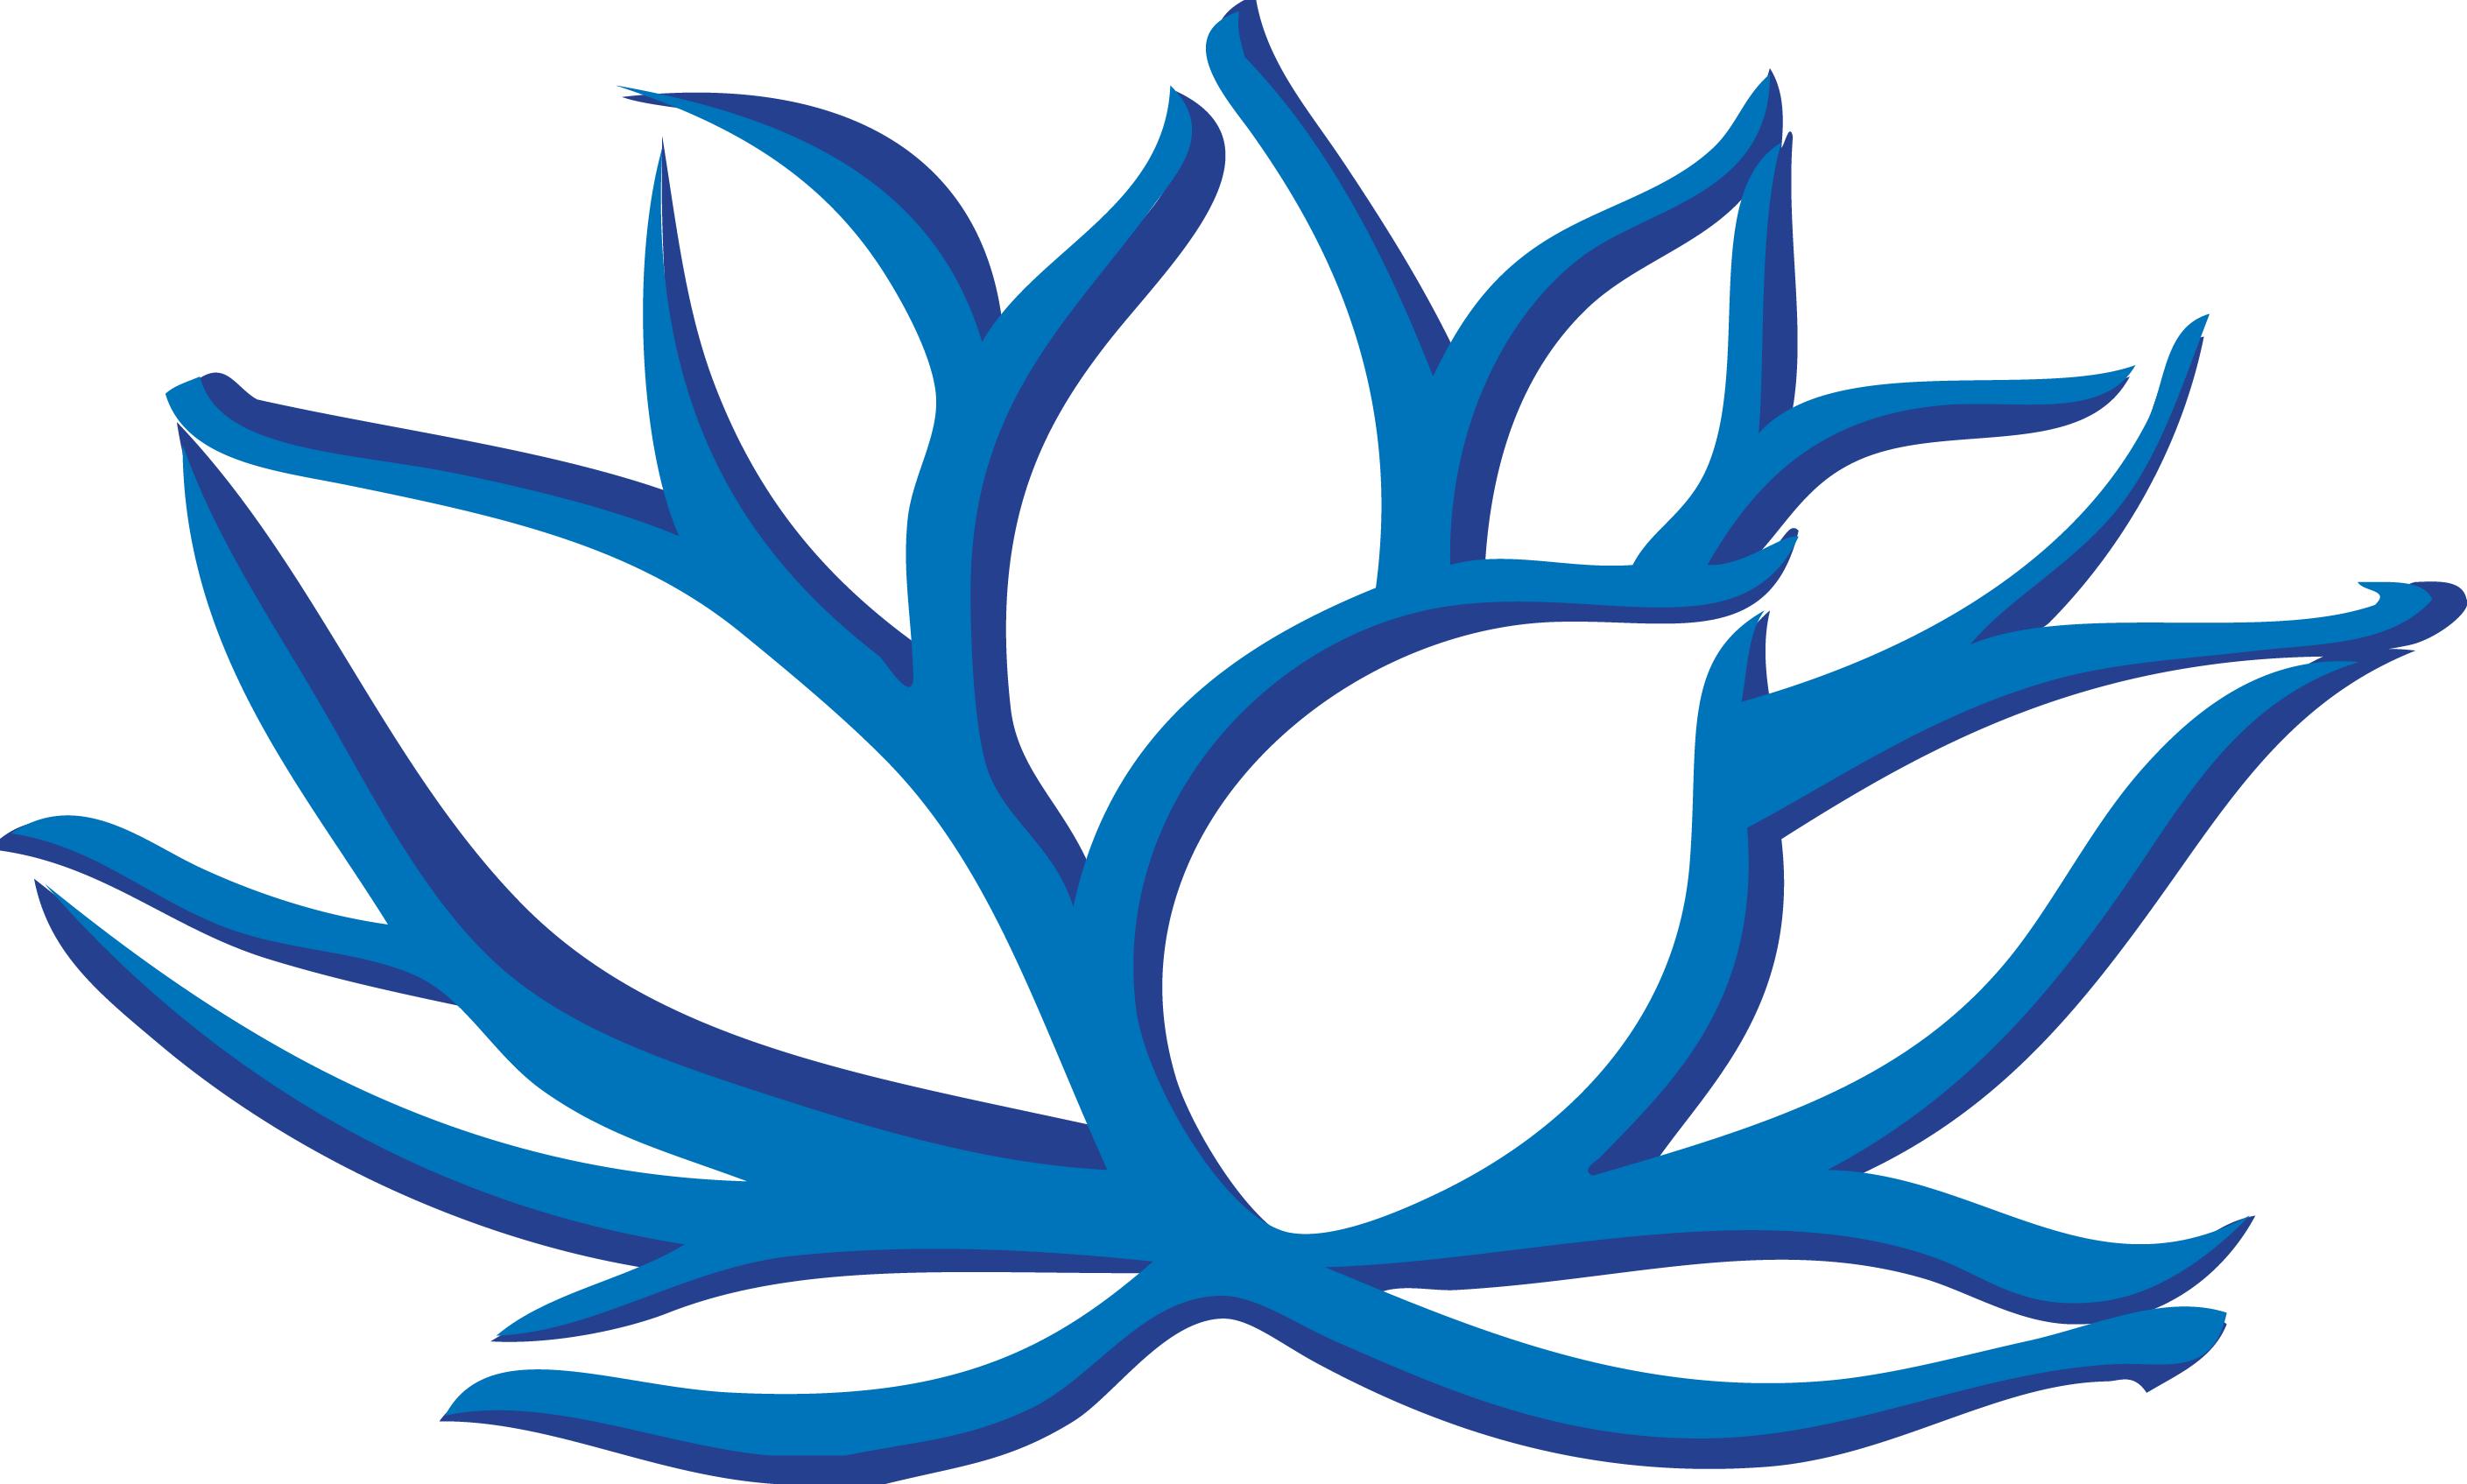 Lotus flower minimalist tattoo possibility images graphics lotus flower minimalist tattoo possibility izmirmasajfo